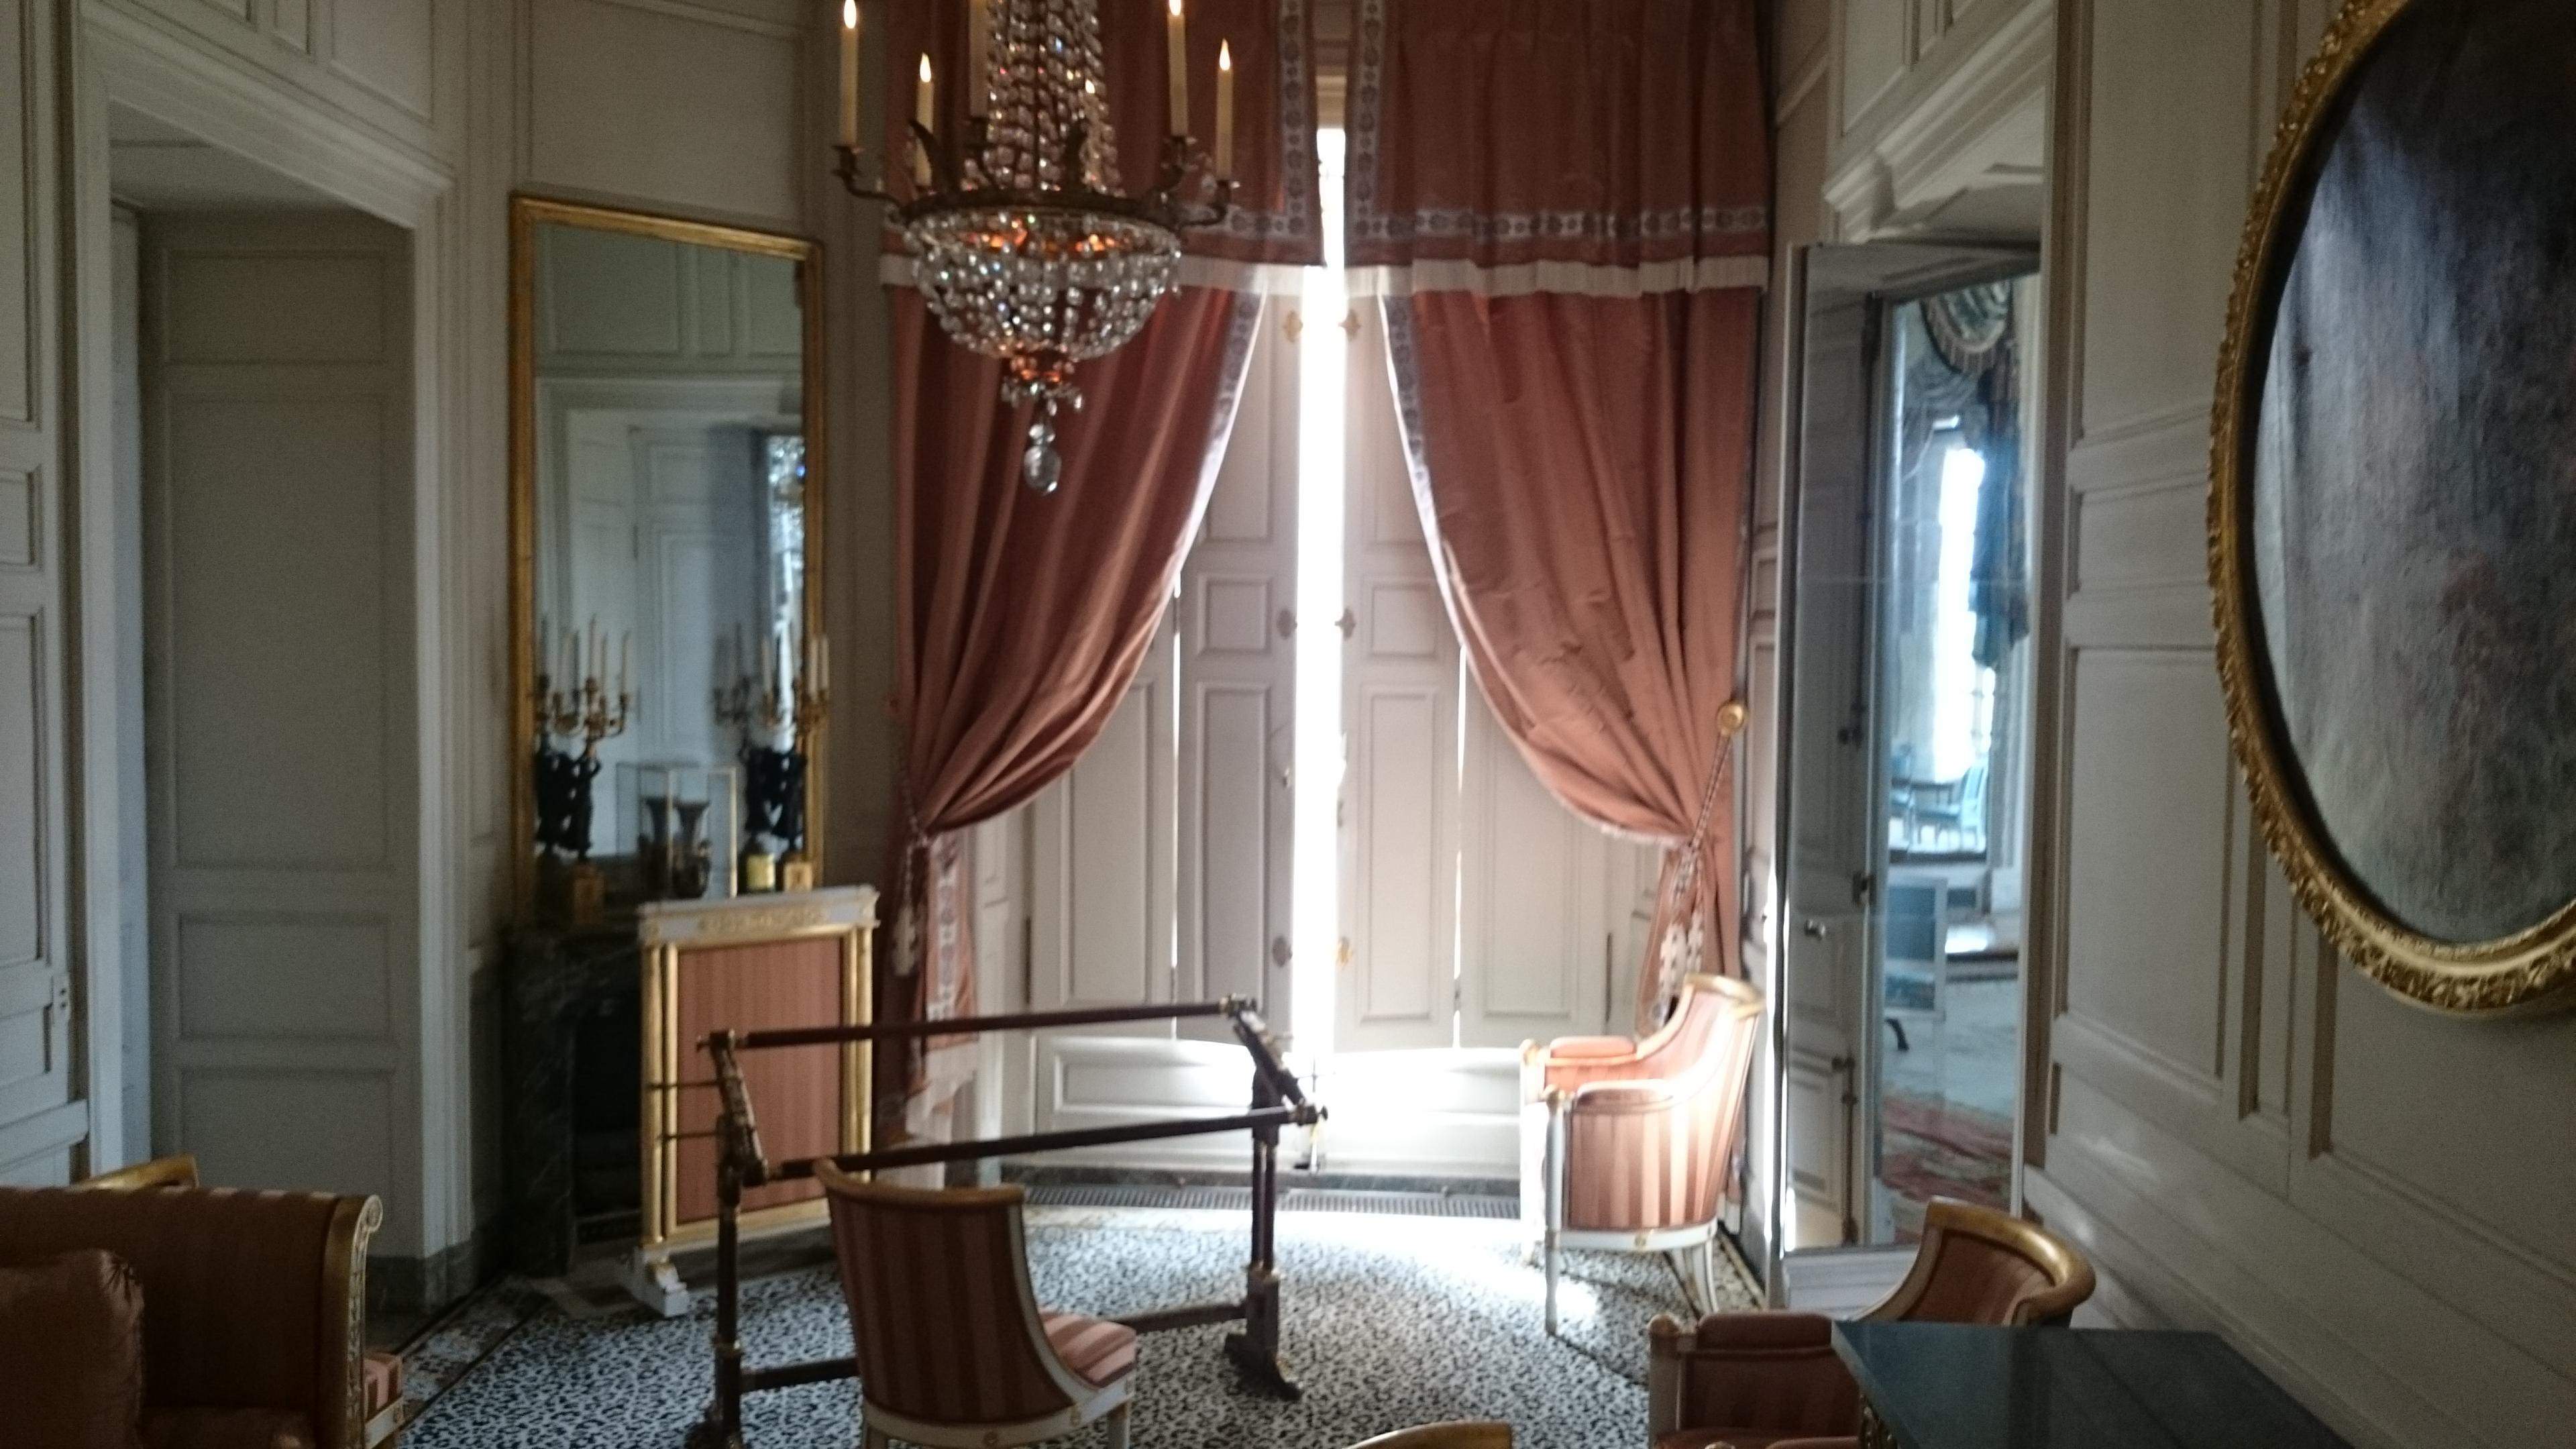 dsc 1197 - Visita al Palacio de Versalles: Como ir, cuanto cuesta y tips II/III